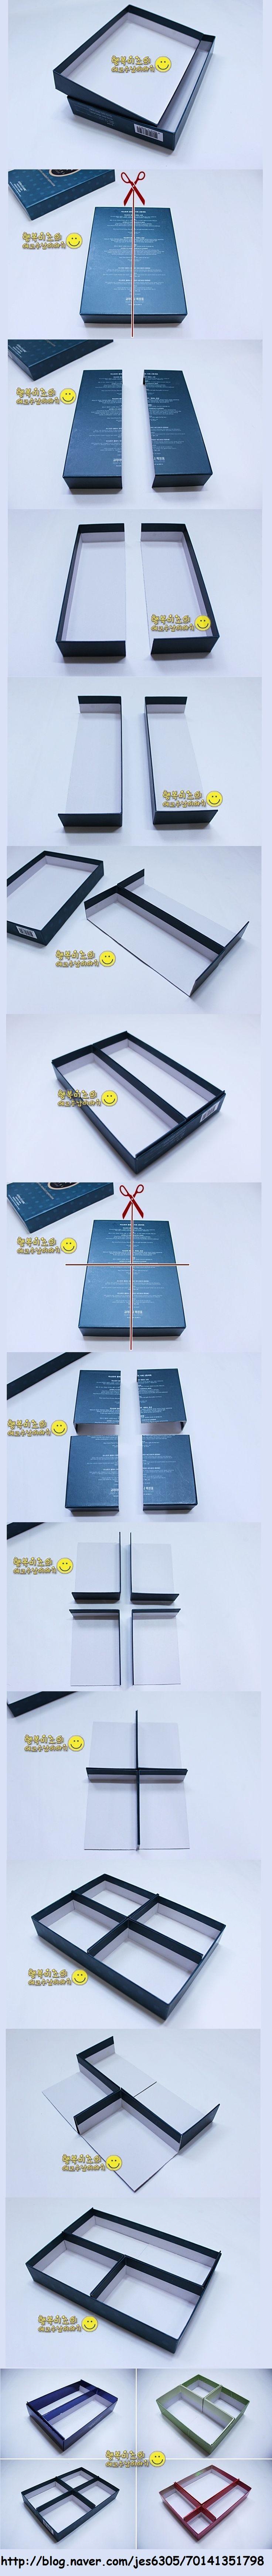 Reciclando una caja de zapatos o cualquier cajita que tengas #reciclaje #cajas #box #craft #diy